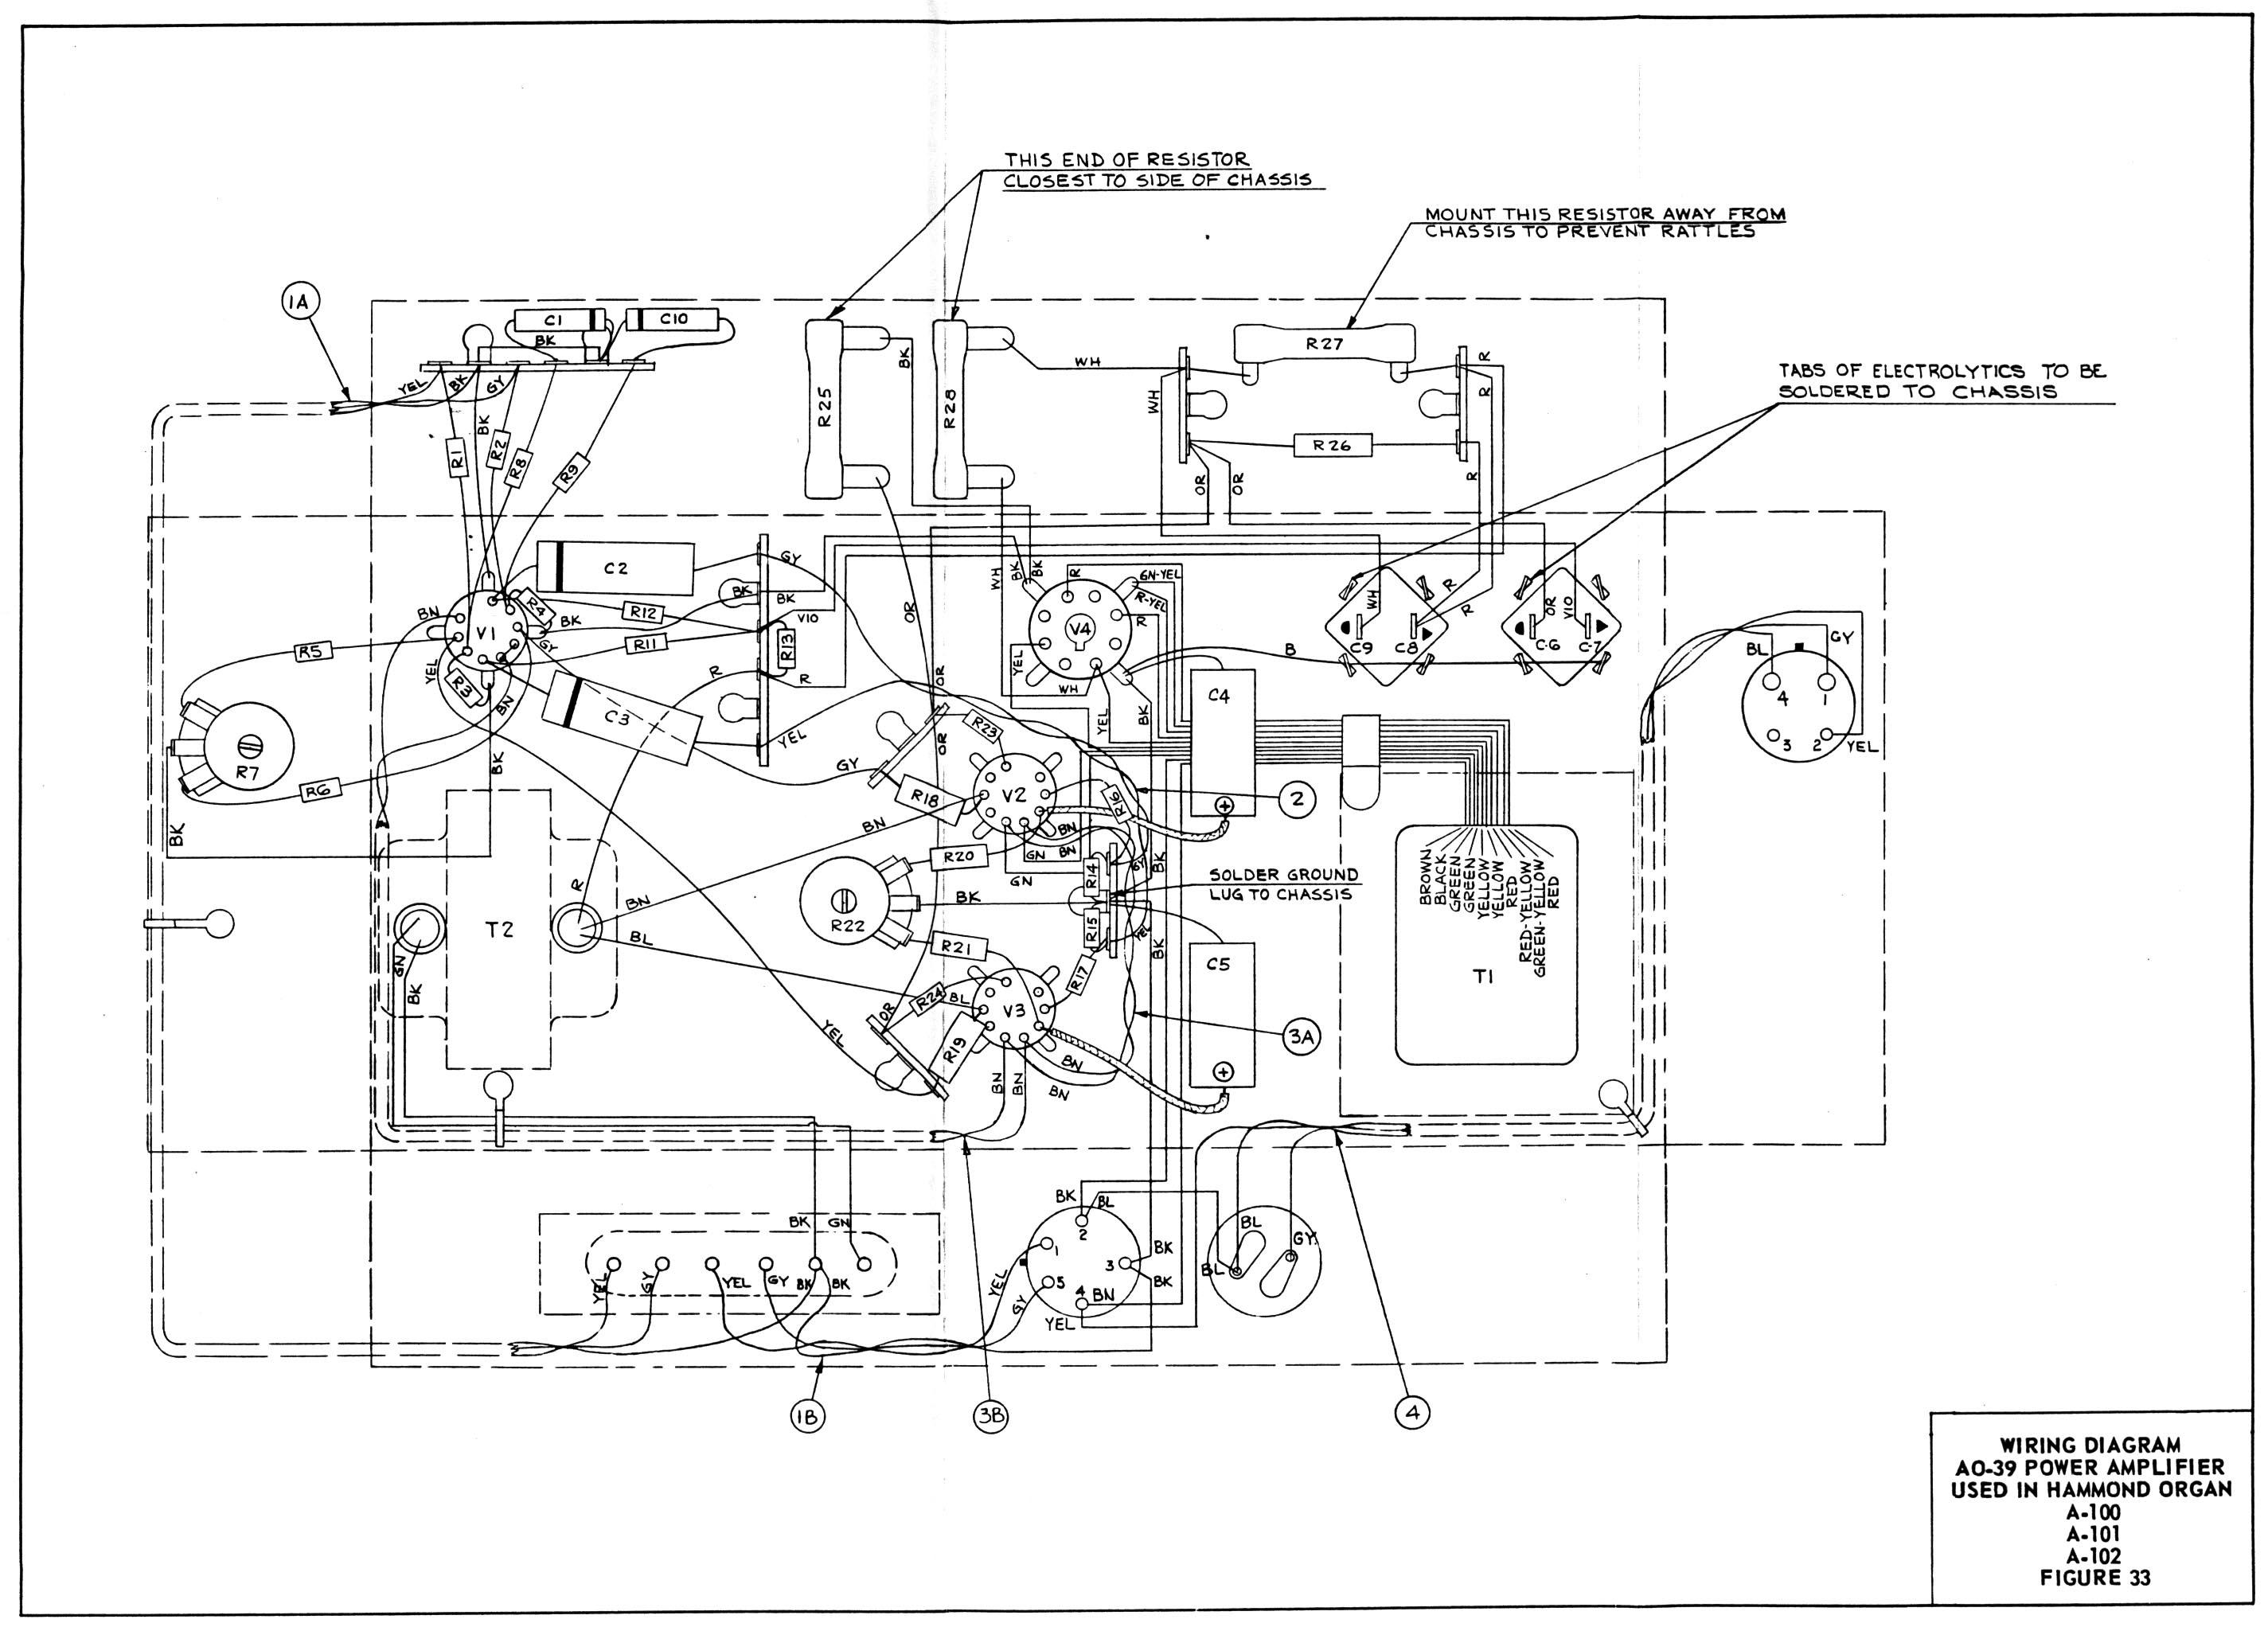 schematic #4